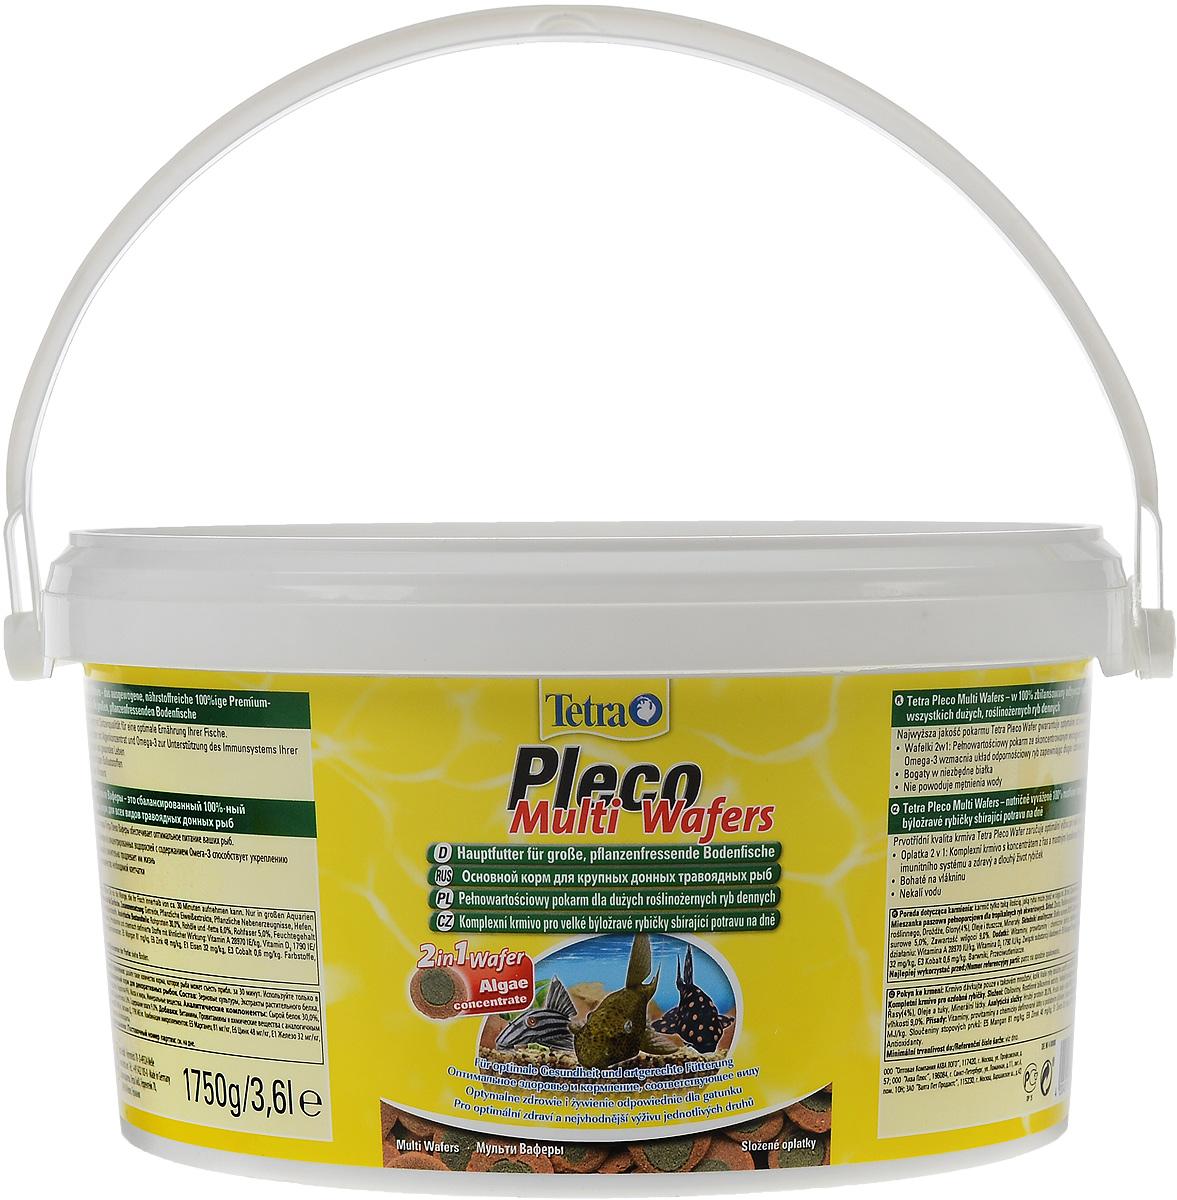 Корм Tetra Pleco. Multi Wafers для крупных травоядных донных рыб, пластинки, 3,6 л (1,75 кг)193840Корм Tetra Pleco. Multi Wafers - это 100% растительная кормовая смесь для крупных травоядных донных рыб. Корм состоит из концентрированных водорослей с содержанием Омега-3, а так же содержит большое количество необходимой клетчатки, что способствует укреплению иммунной системы рыб и значительно продлевает им жизнь. Не мутит воду. Рекомендации по кормлению: Давайте такое количество корма, которое рыба может съесть приблизительно за 30 минут. Используйте только в больших аквариумах. Состав: зерновые культуры, экстракты растительного белка, растительные продукты, дрожжи, водоросли (4%), масла и жиры, минеральные вещества. Добавки: витамины, провитамины и химические вещества с аналогичным воздействием: витамин А 28970 МЕ/кг, витамин Д3 1790 МЕ/кг. Комбинации элементов: Е5 Марганец 81 мг/кг, Е6 Цинк 48 мг/кг, Е1 Железо 32 мг/кг, Е3 Кобальт 0,6 мг/кг. Красители, антиоксиданты. Товар сертифицирован.